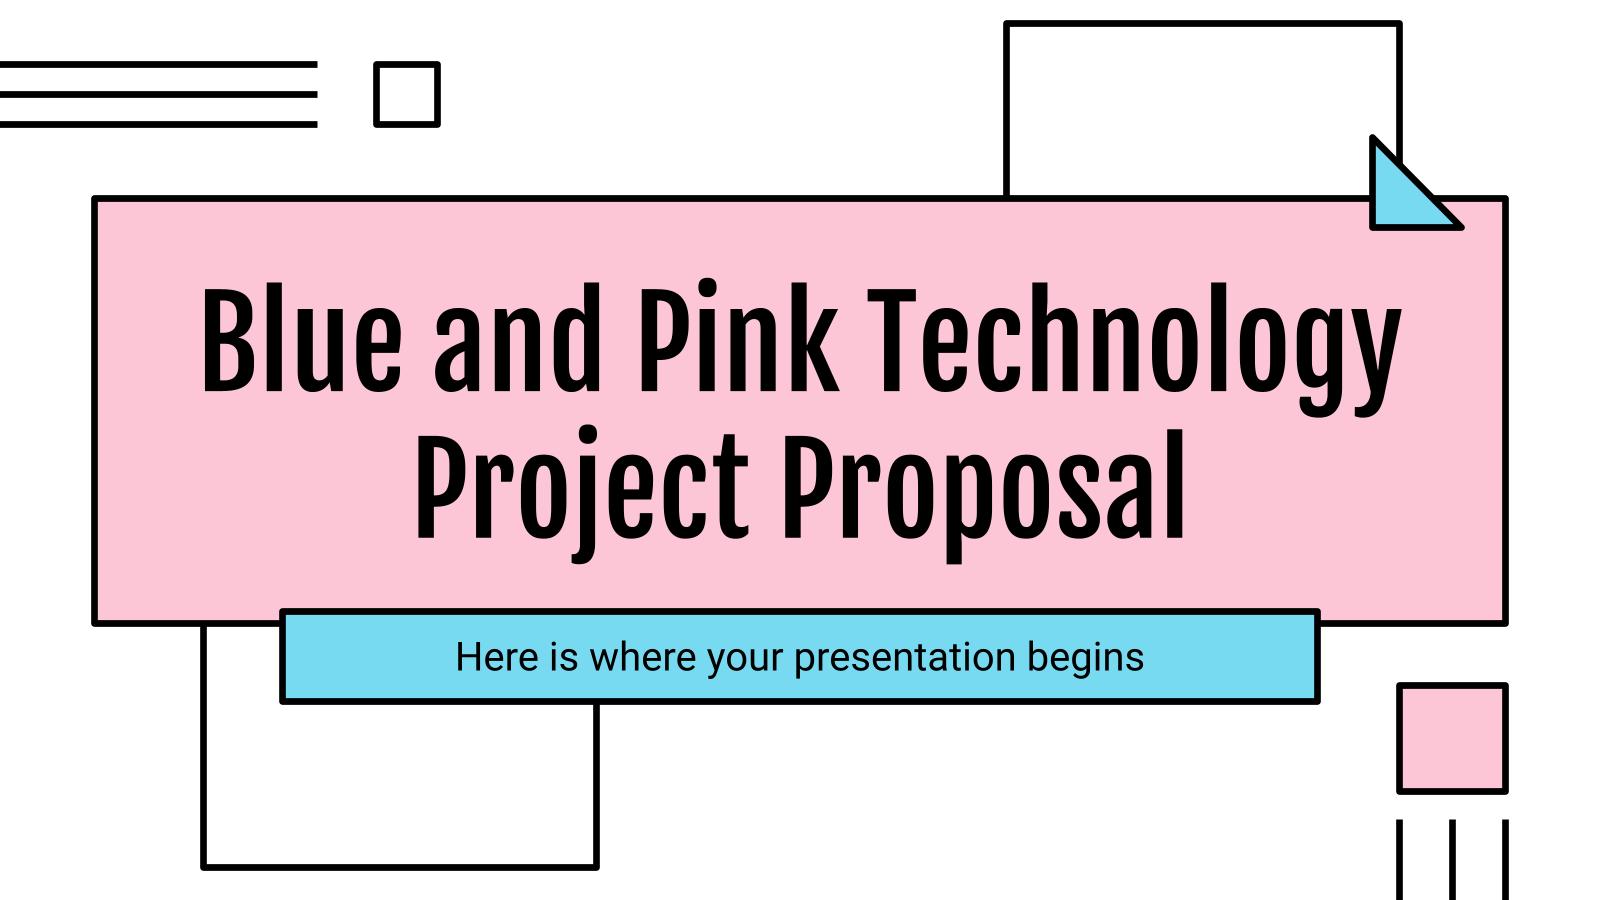 Plantilla de presentación Propuesta de proyecto tecnológico azul y rosa